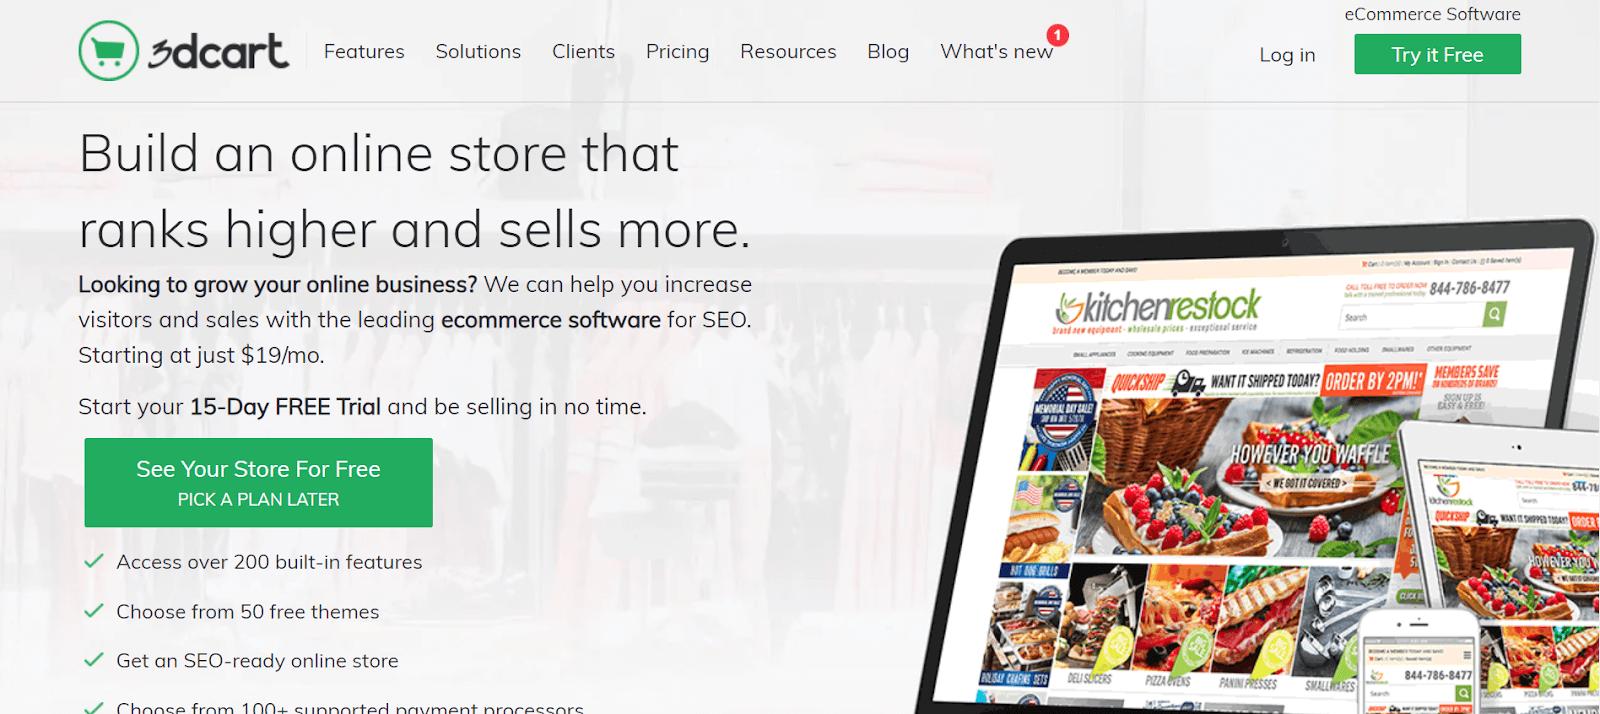 3dcart Best eCommerce tools